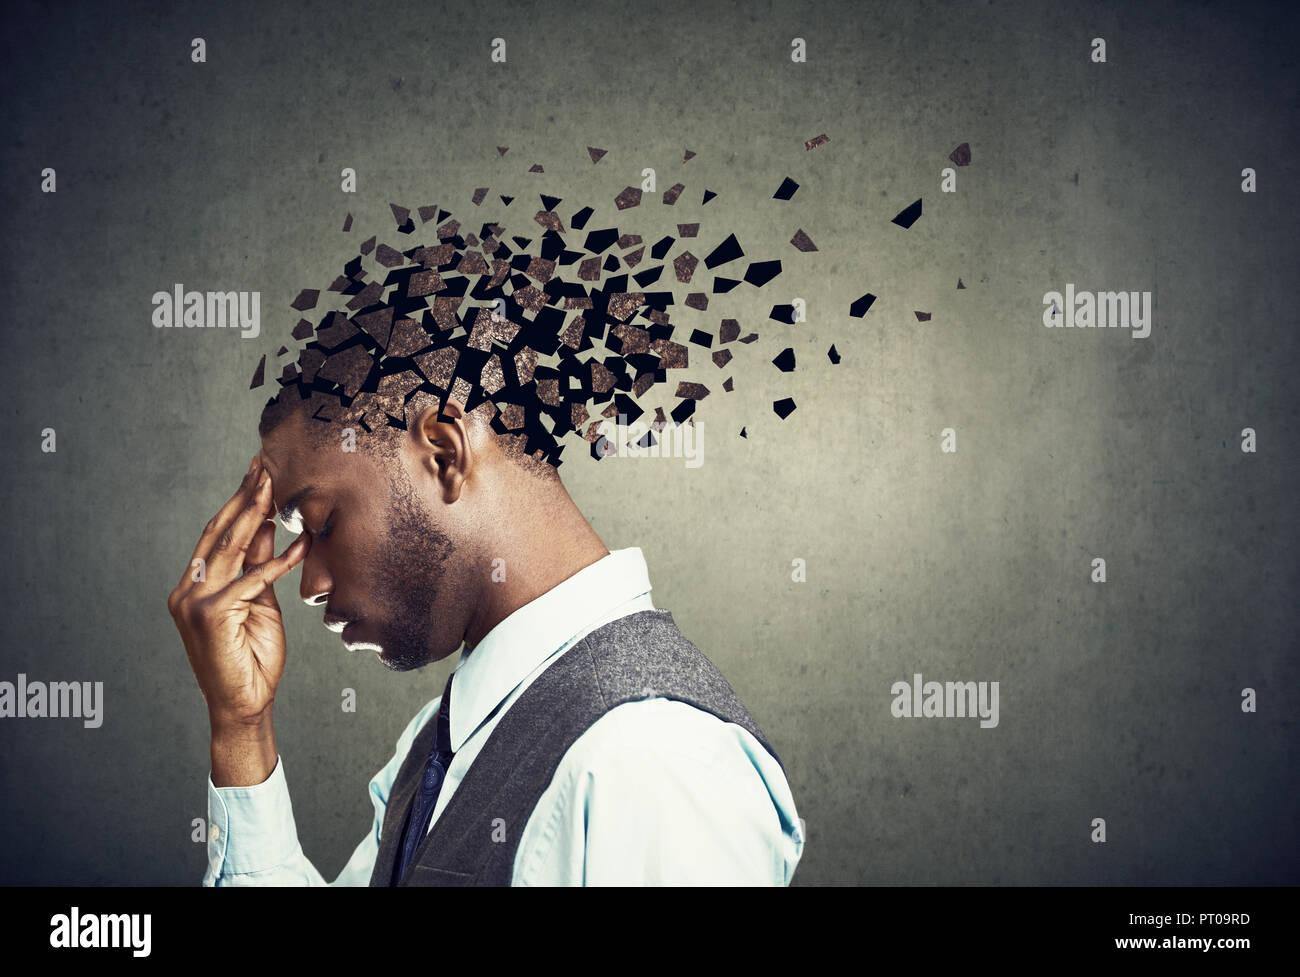 La perte de mémoire en raison de la démence ou des lésions cérébrales. Profil de côté d'un homme triste de perdre des parties de tête comme symbole d'une diminution de l'esprit. Photo Stock